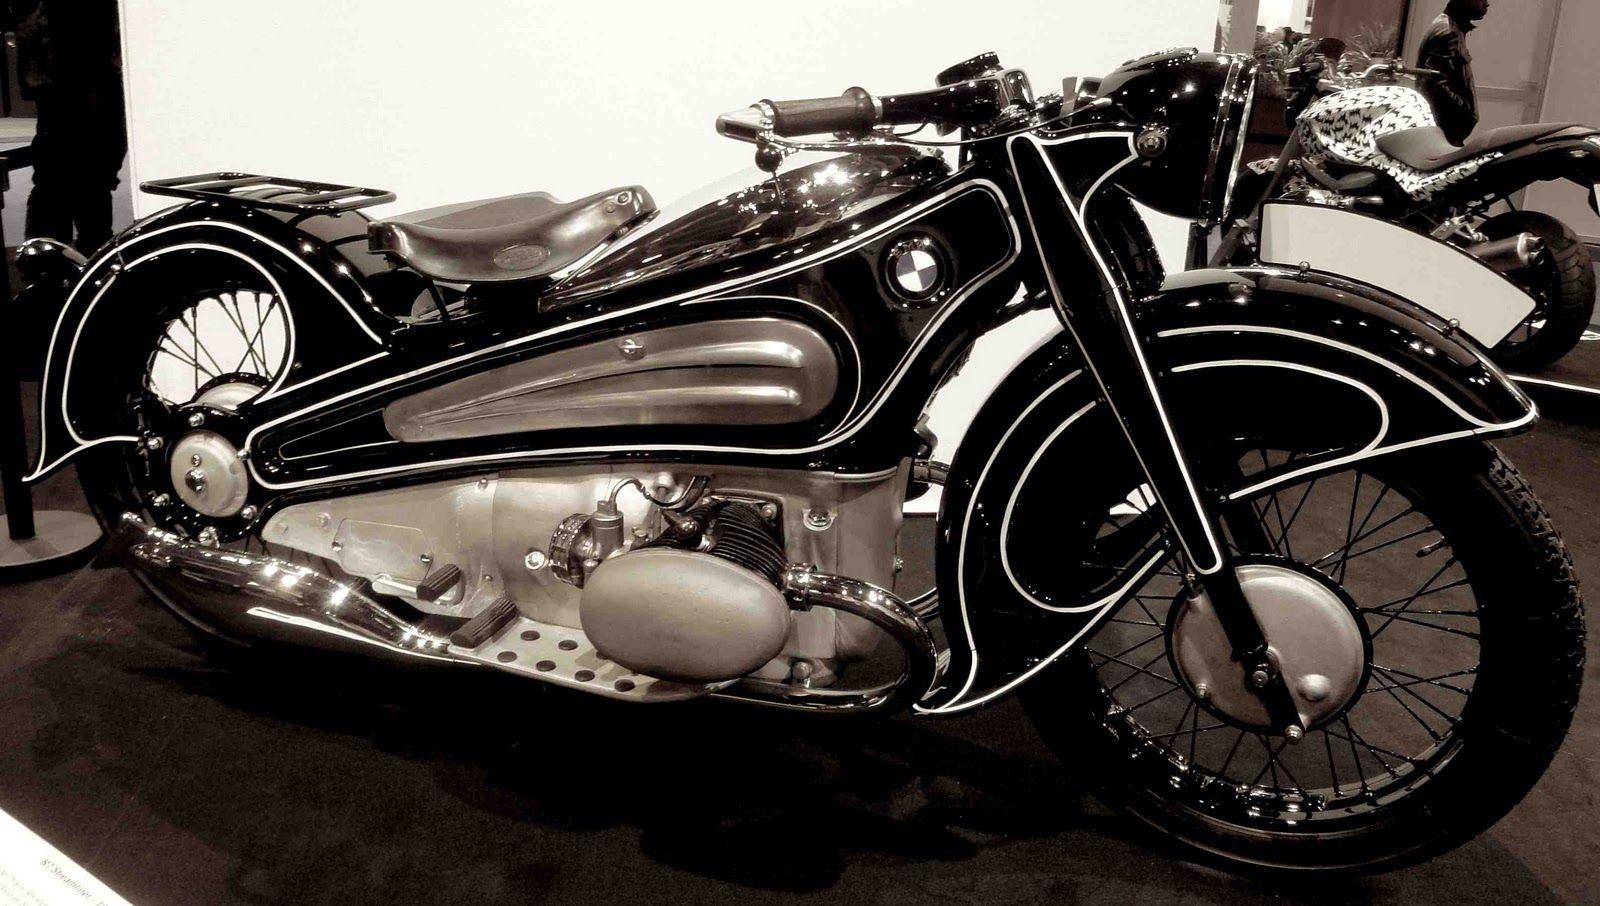 Bmw R18 Concept Bike Whoa Page 3 Adventure Rider